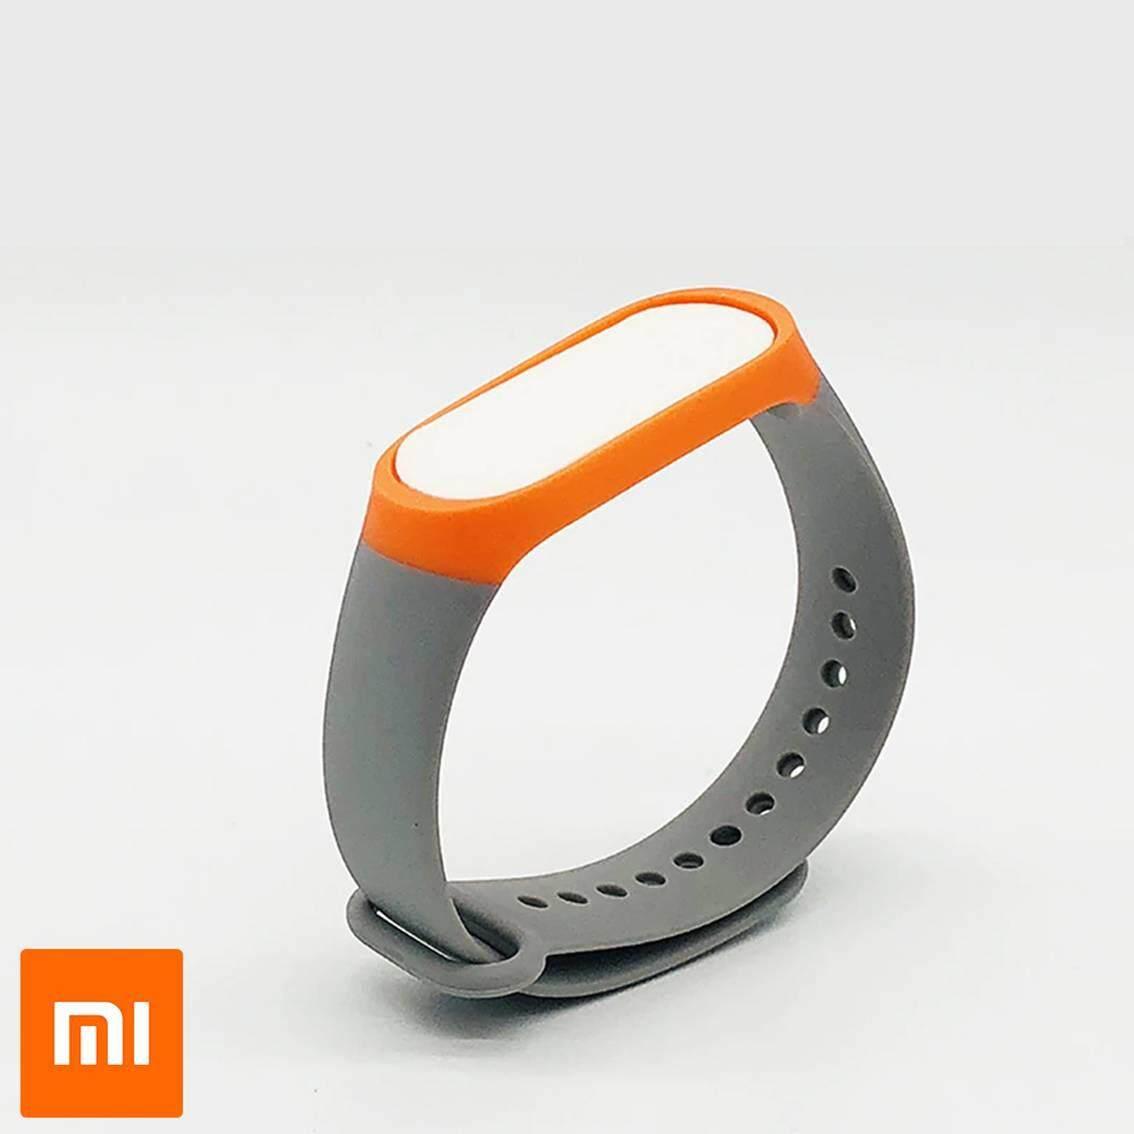 ++สินค้าพร้อมส่งจากไทย++ Xiaomi สายรัดข้อมือ Wristband Strap for Xiaomi Mi Band 3,4 สายสำหรับเปลี่ยน Xiaomi Mi Band 3,4